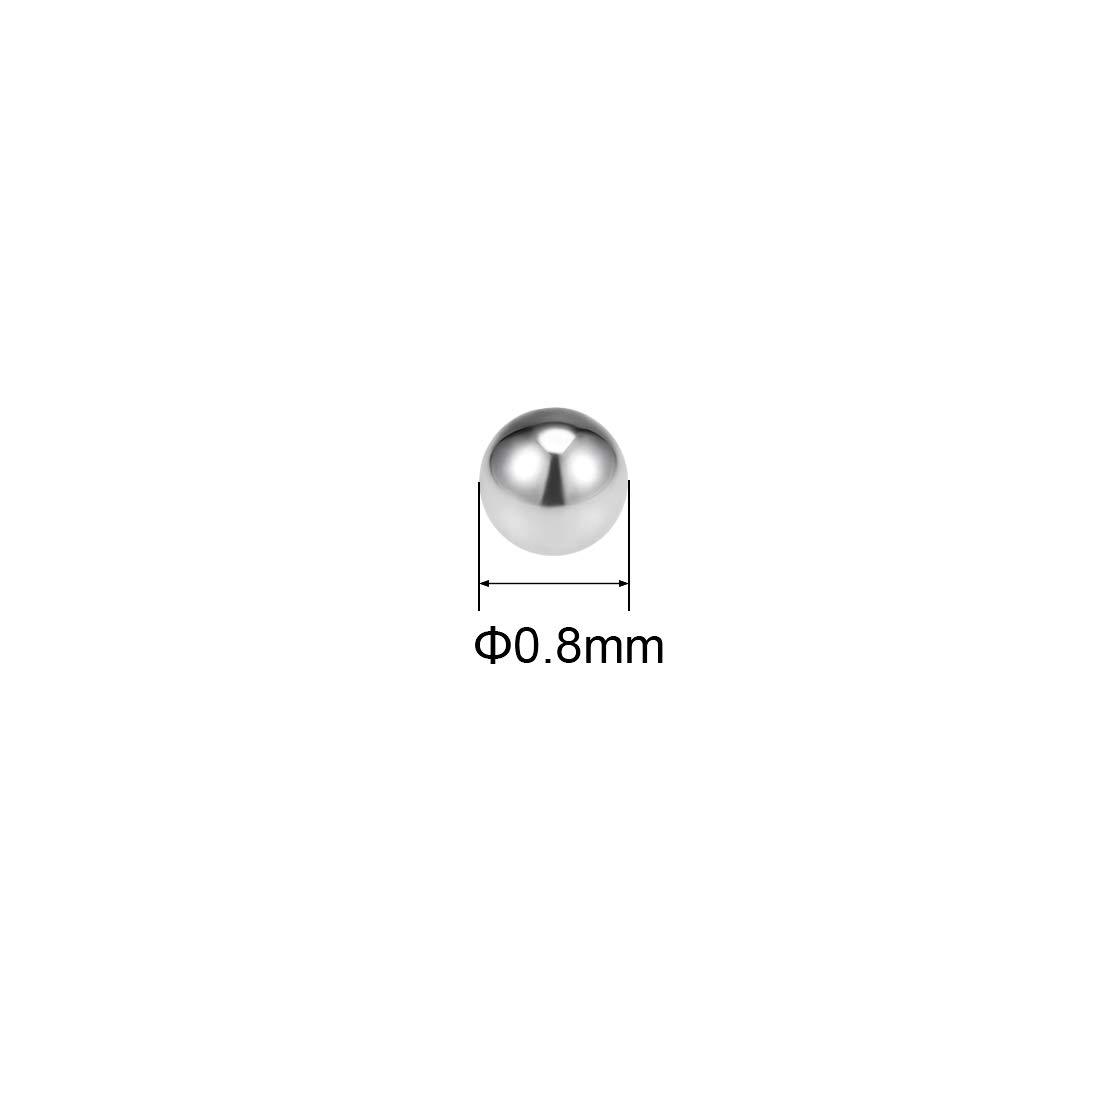 sourcing map 0.5mm-1.8mm Roulement /à Billes 304 Acier Inoxydable G200 Billes Pr/écision 0.5mm 100Pcs